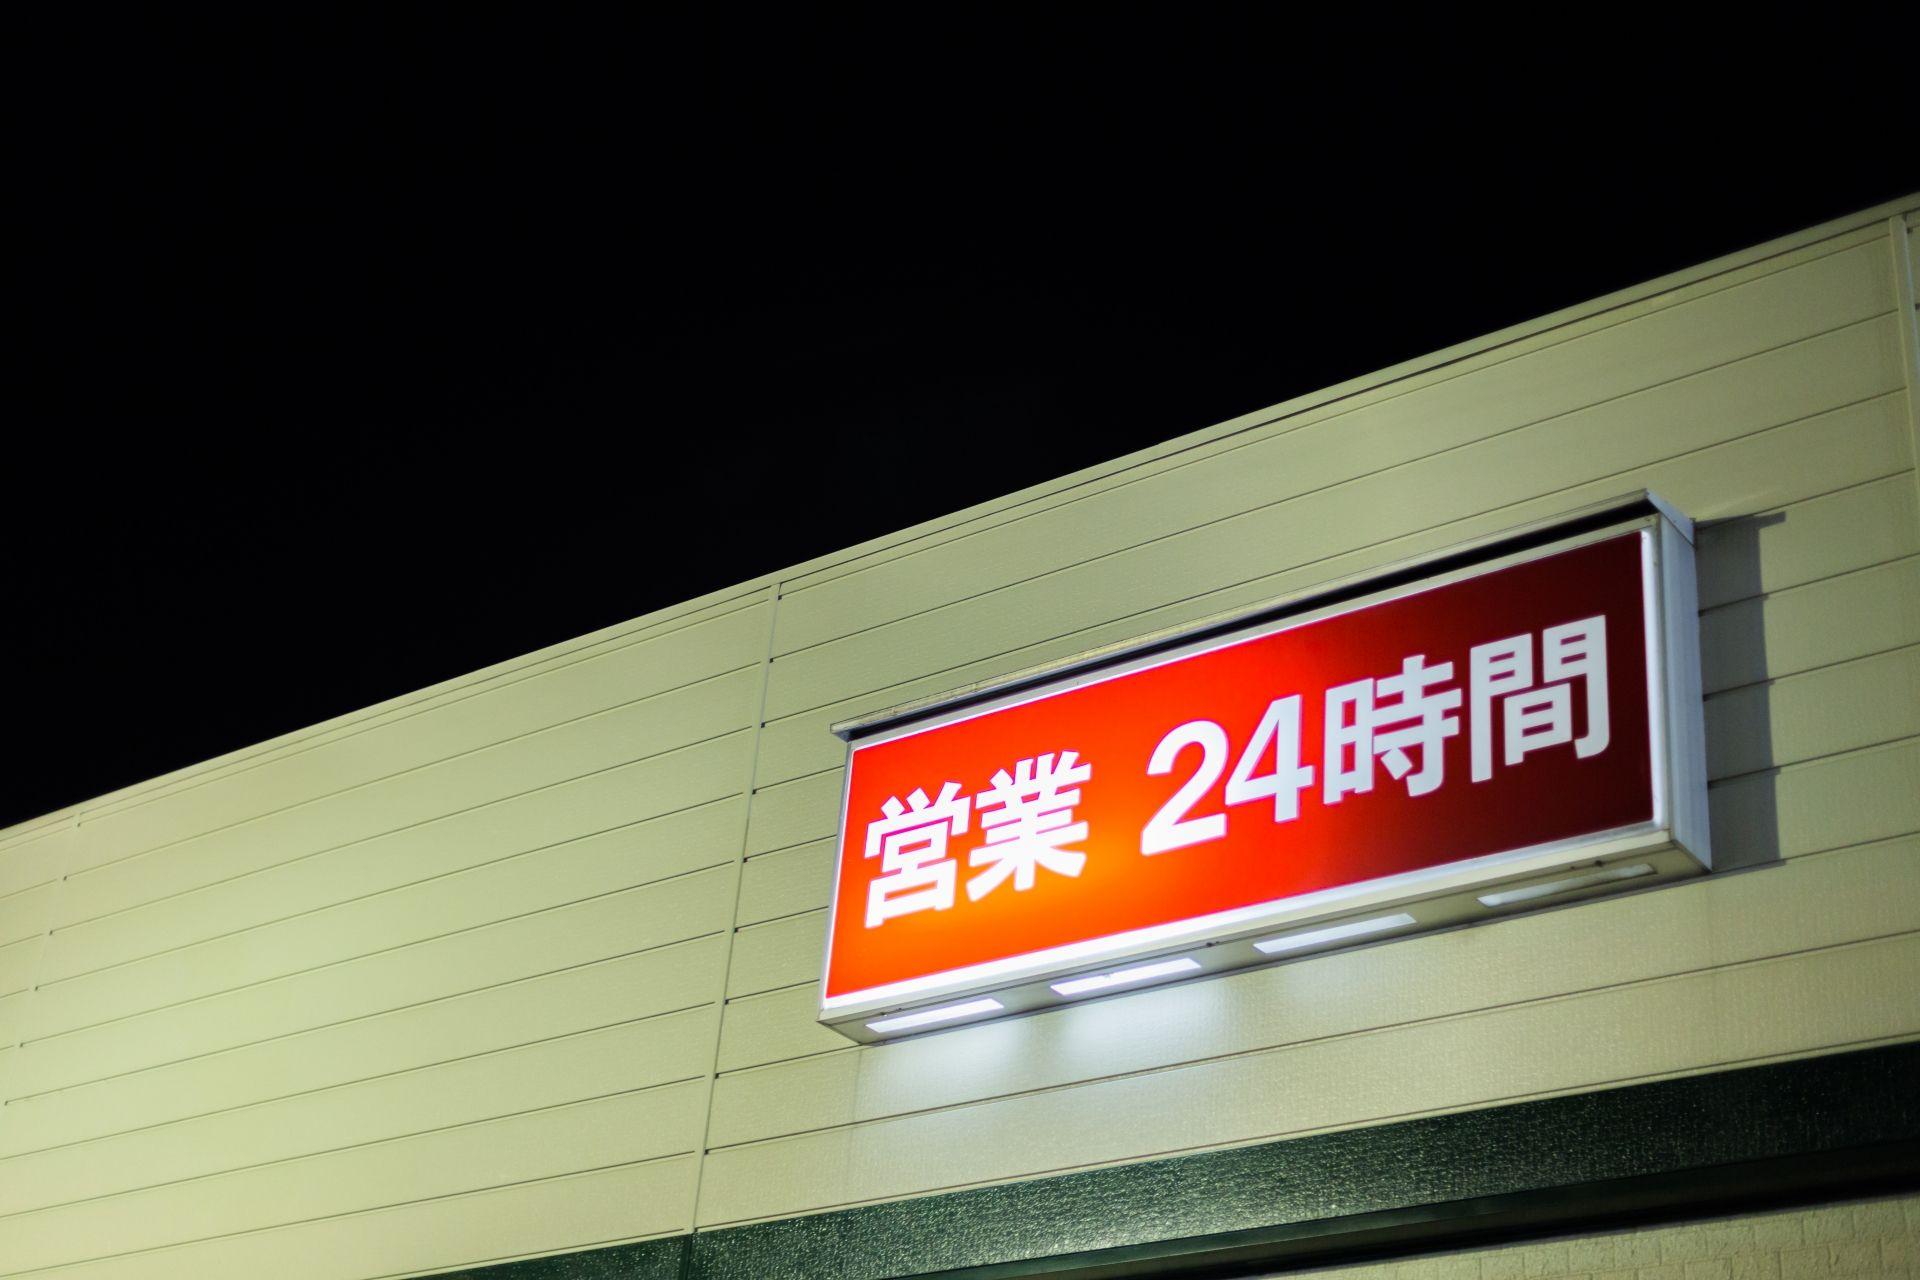 スタンド 24 時間 ガソリン 24時間営業している北海道のガソリンスタンド一覧